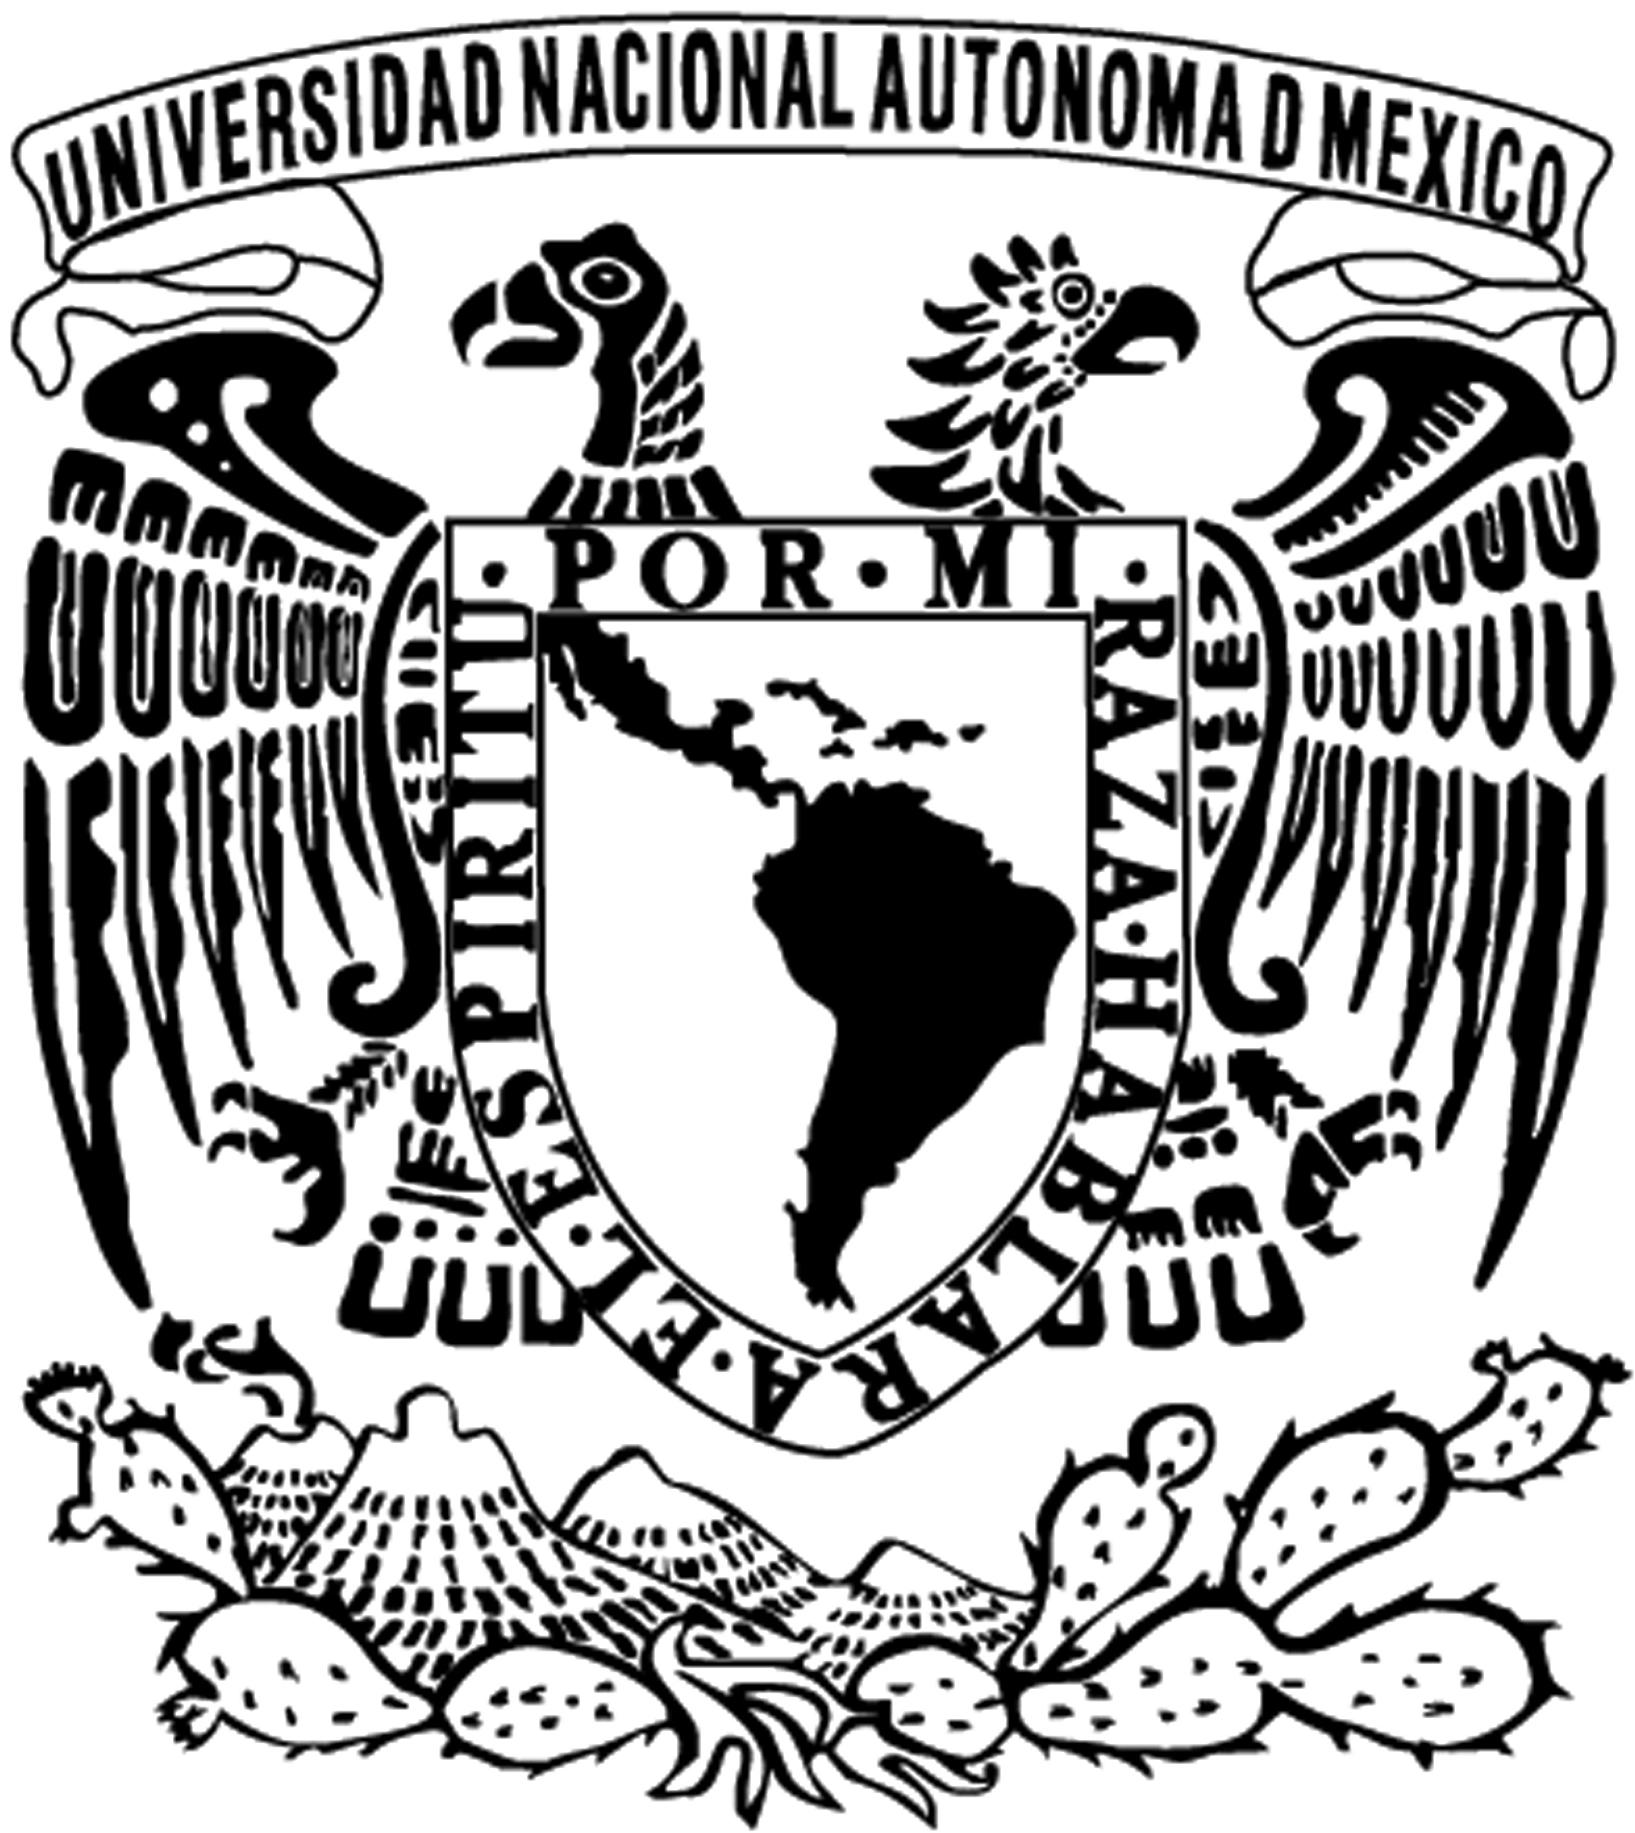 La Universidad Nacional Autónoma de México inaugura el Laboratorio de Análisis de Moléculas y Medicamentos Biotecnológicos, en el estado de Morelos.